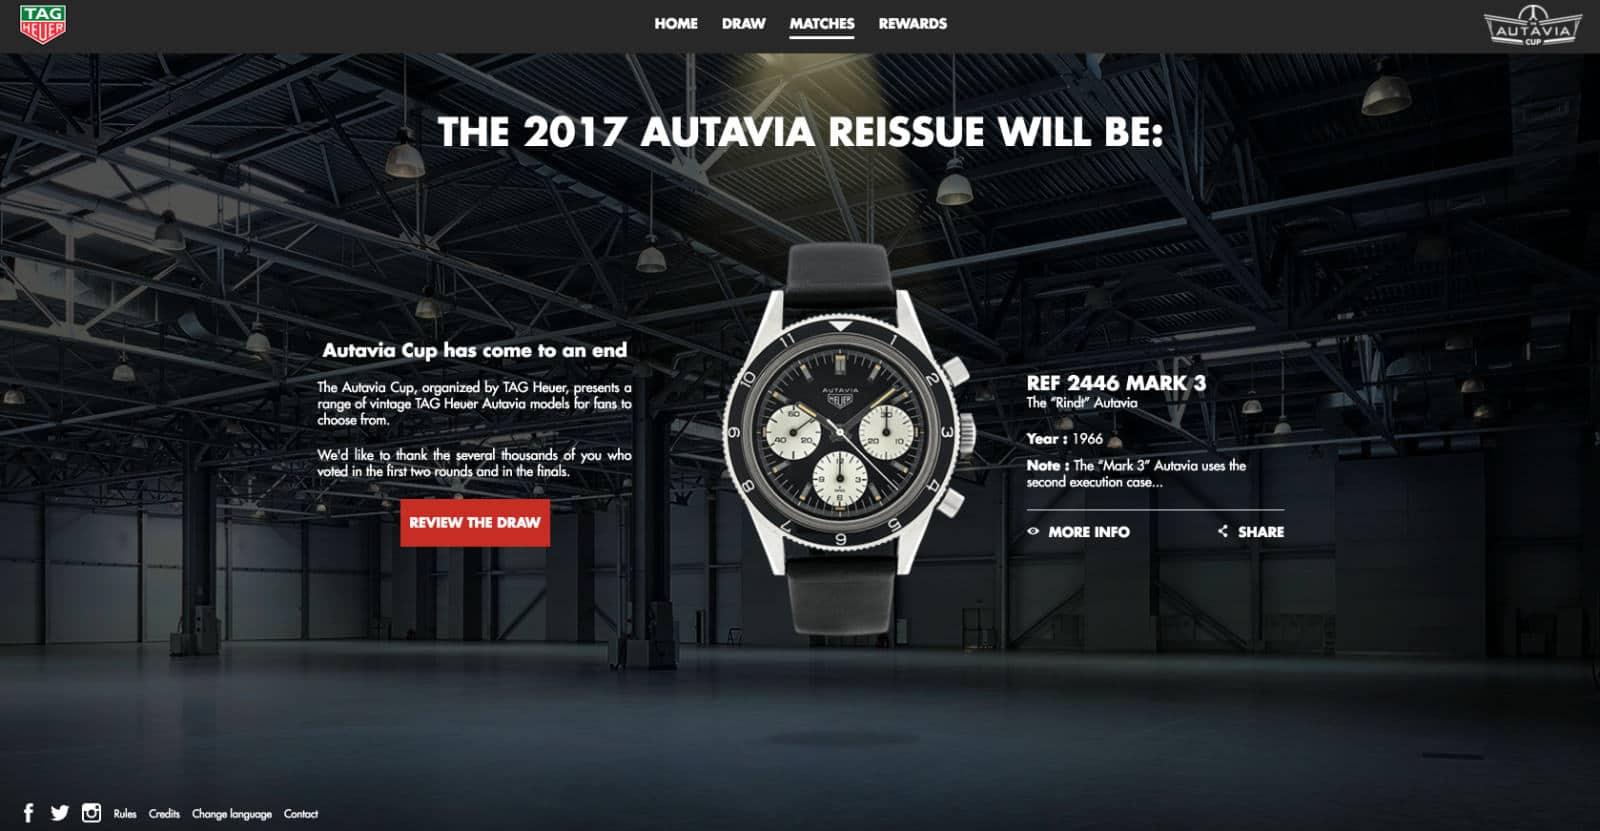 Heuer The Autavia Cup website